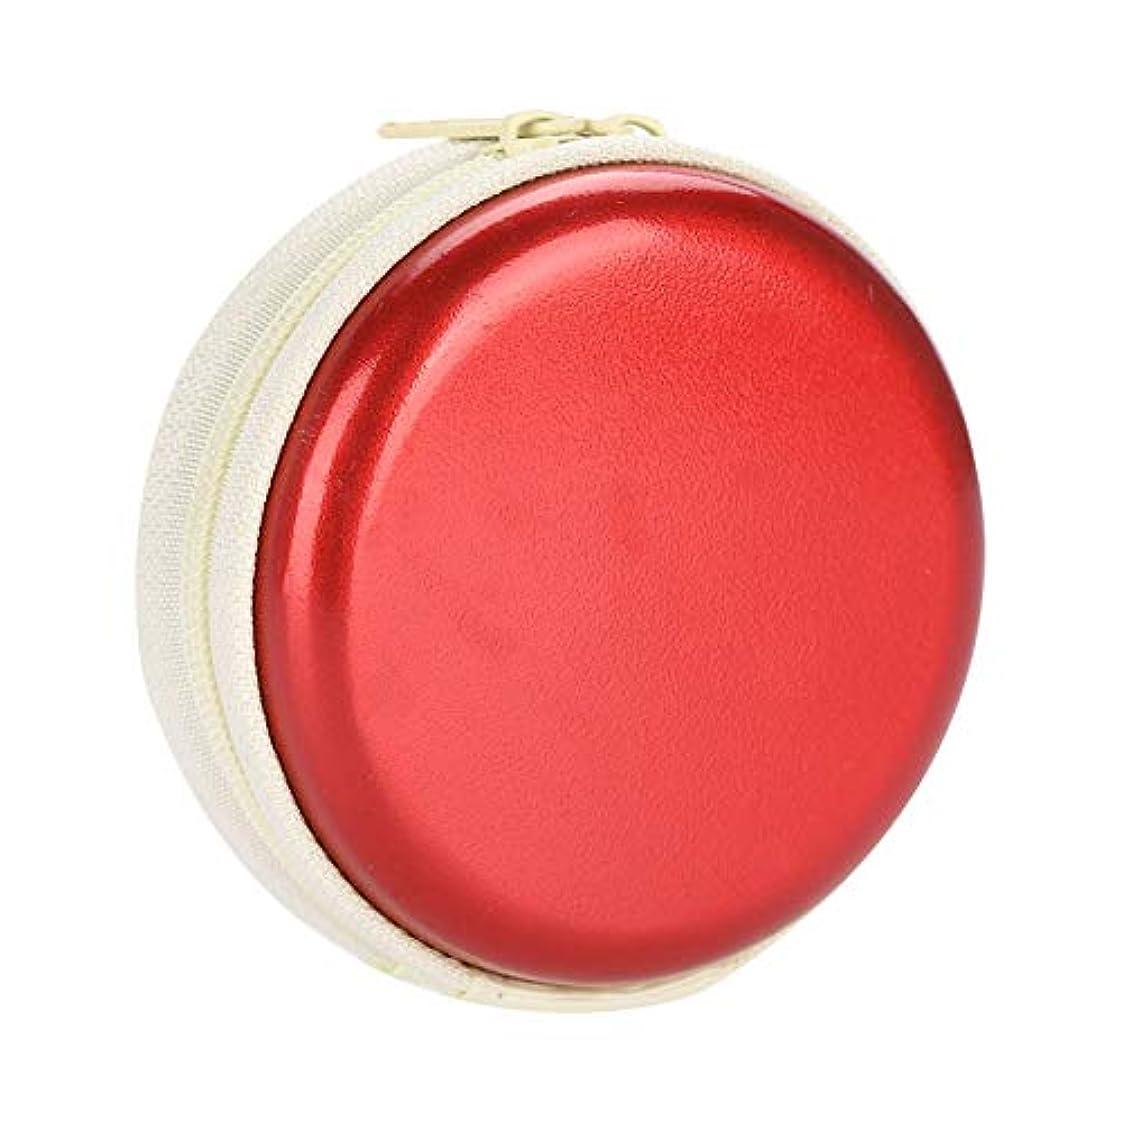 リア王強要チキンエッセンシャルオイルキャリングケーストラベルキャリアコンテナコンパクト&ポータブルオイルバッグ保護外装ハードシェル付き外装ストレージ(Red)